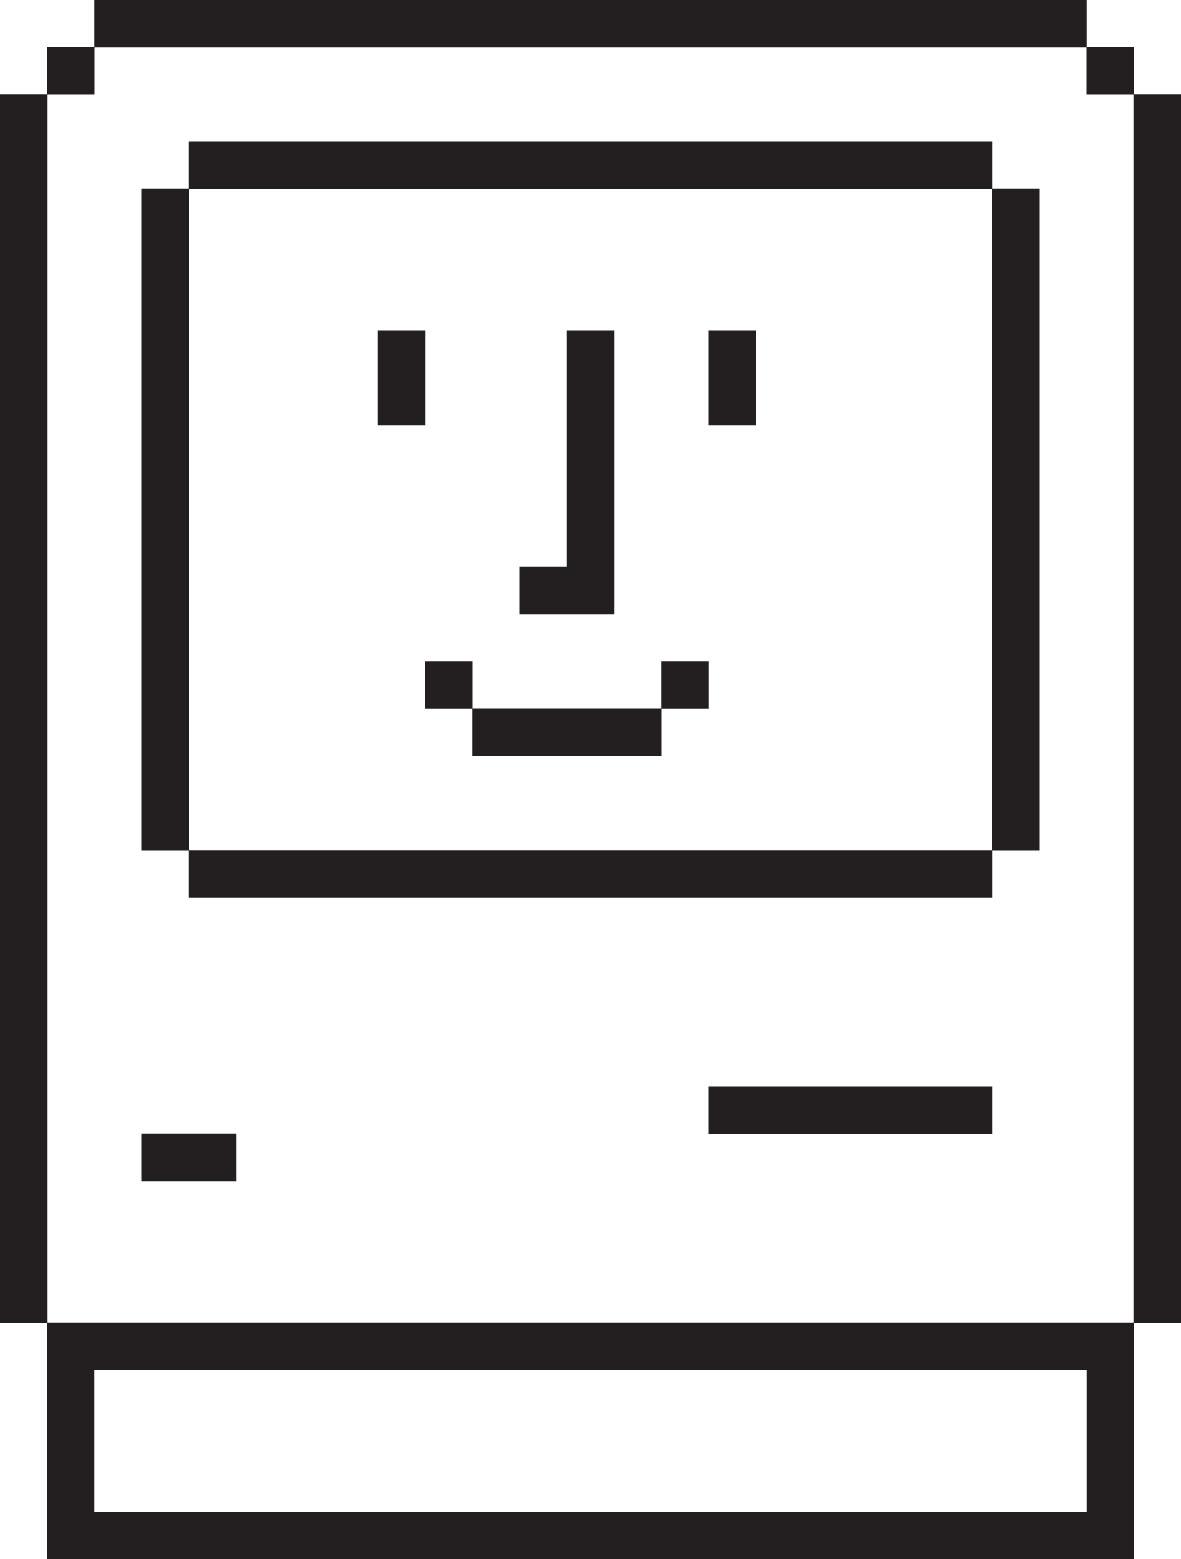 Happy MAC icon by Susan Kare